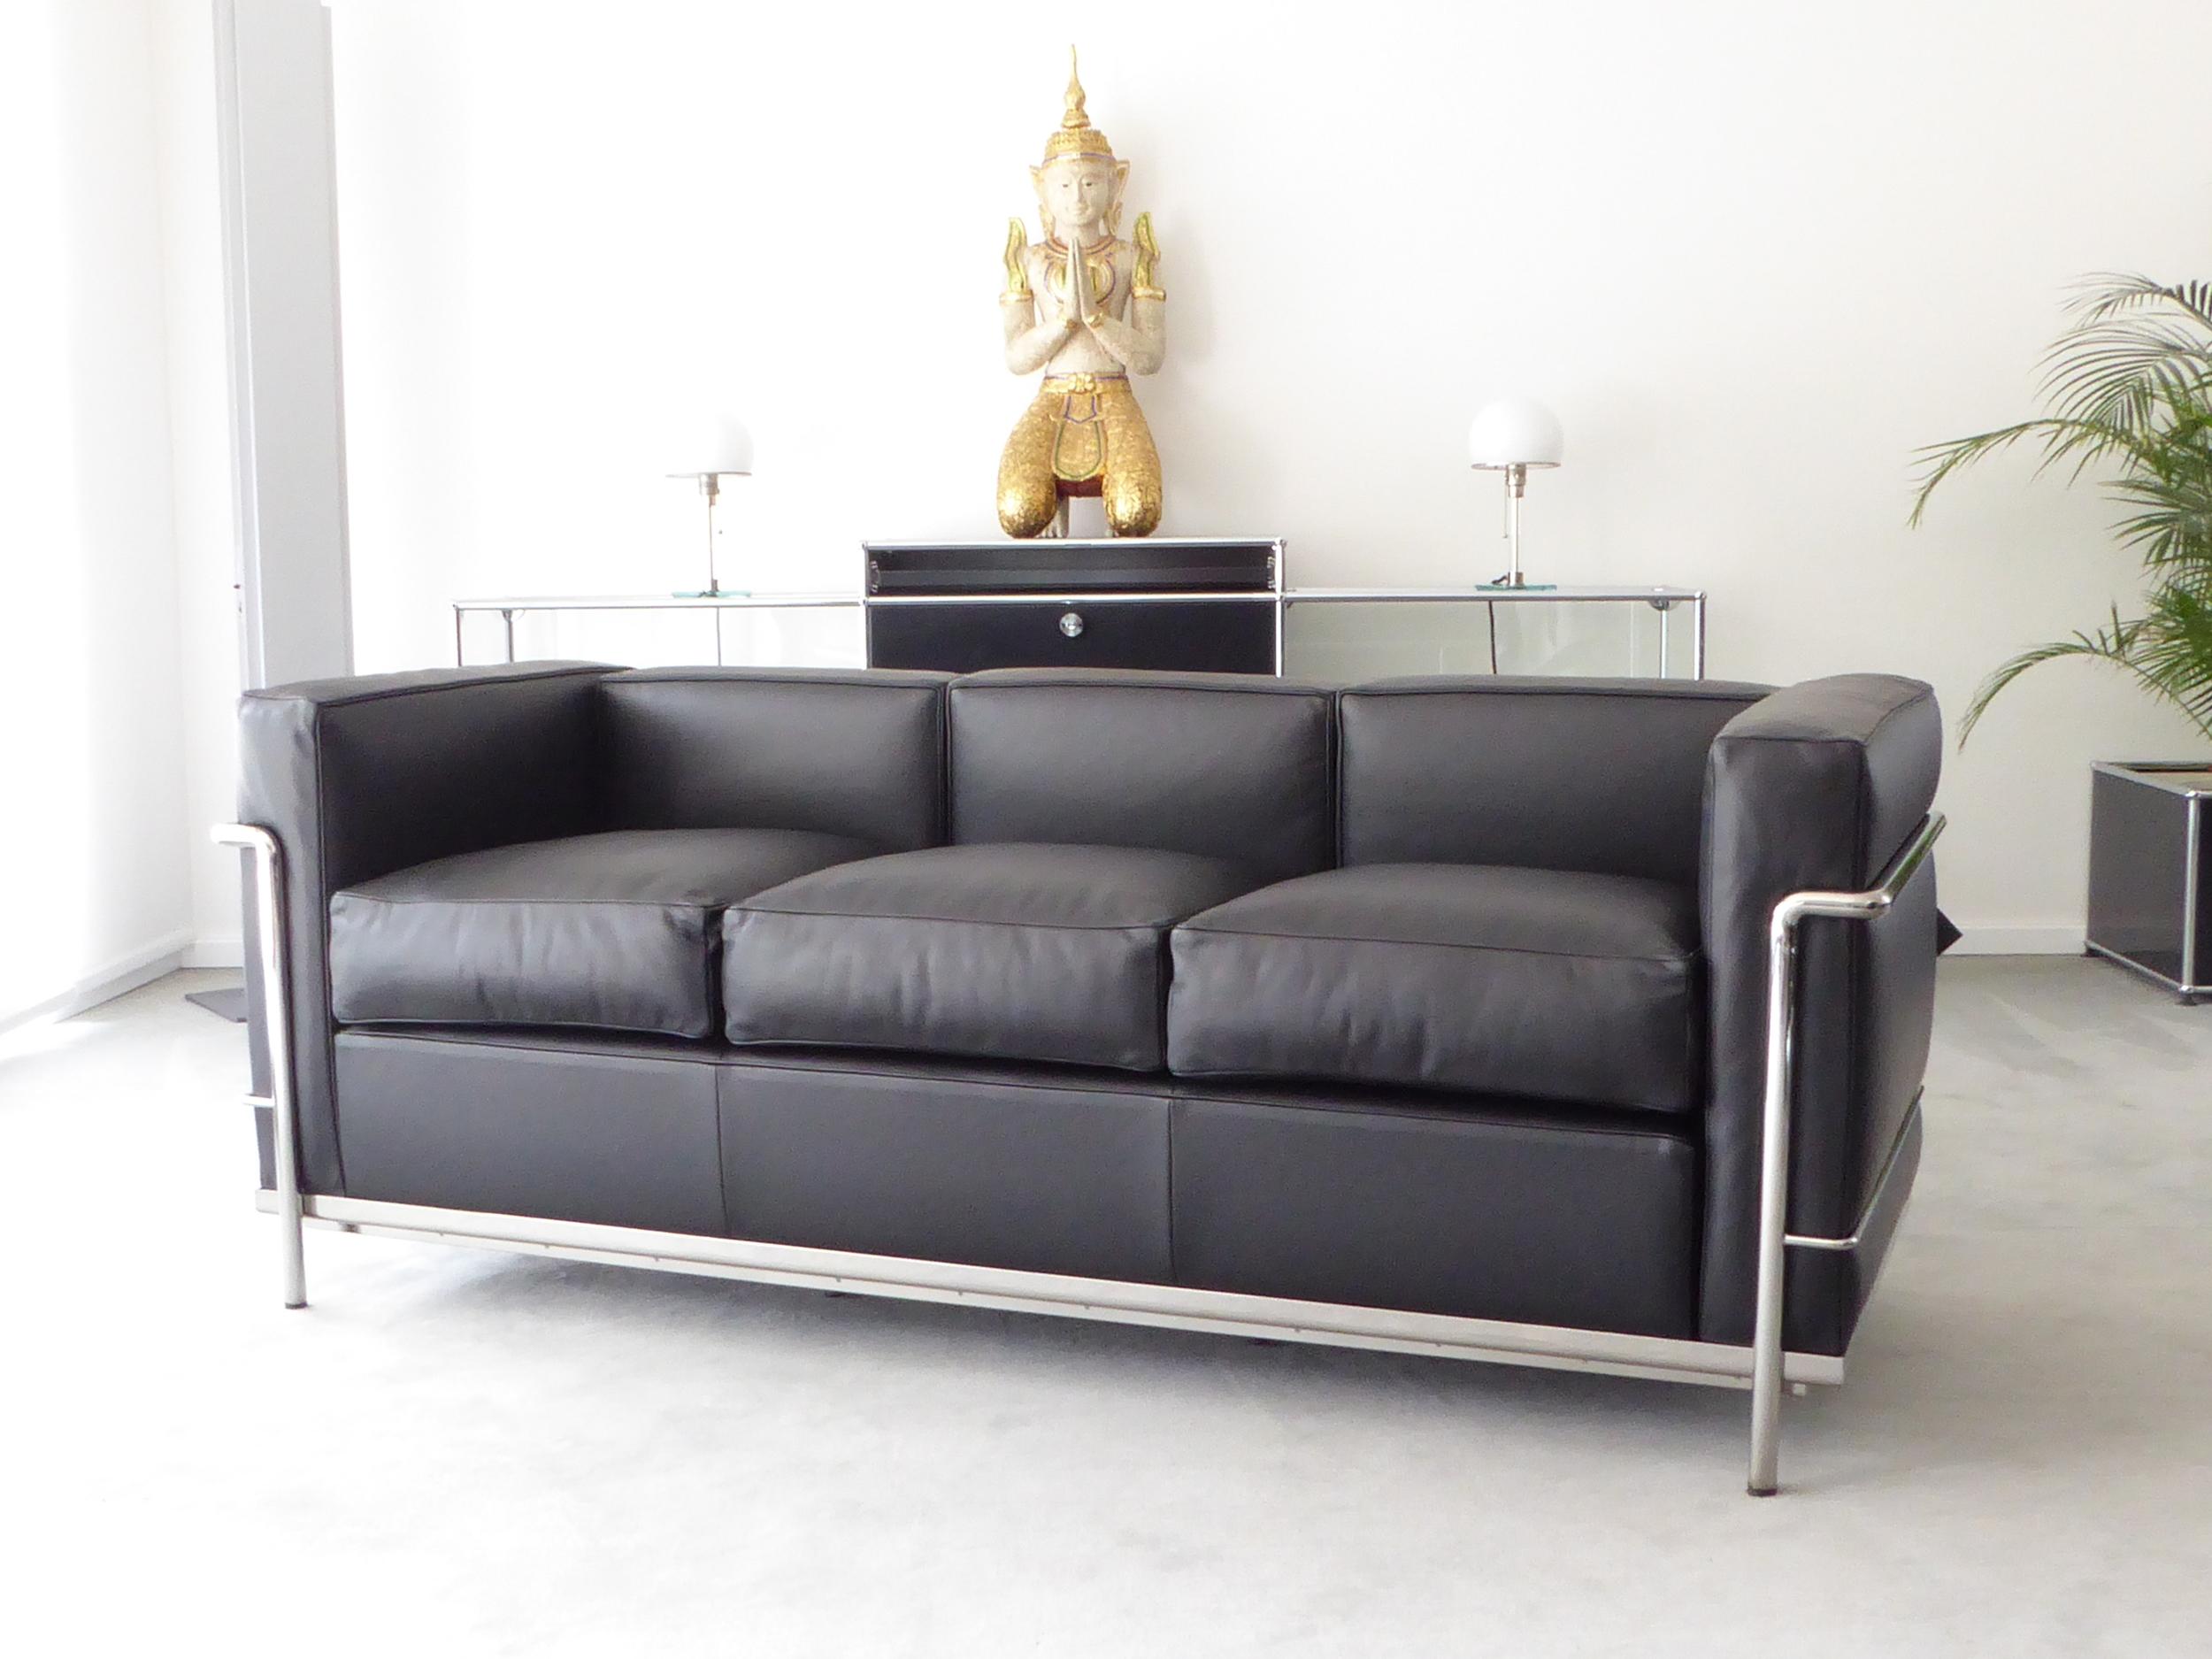 Cassina Le Corbusier LC2, 3-Sitzer, Leder schwarz, Top! — furniture4life